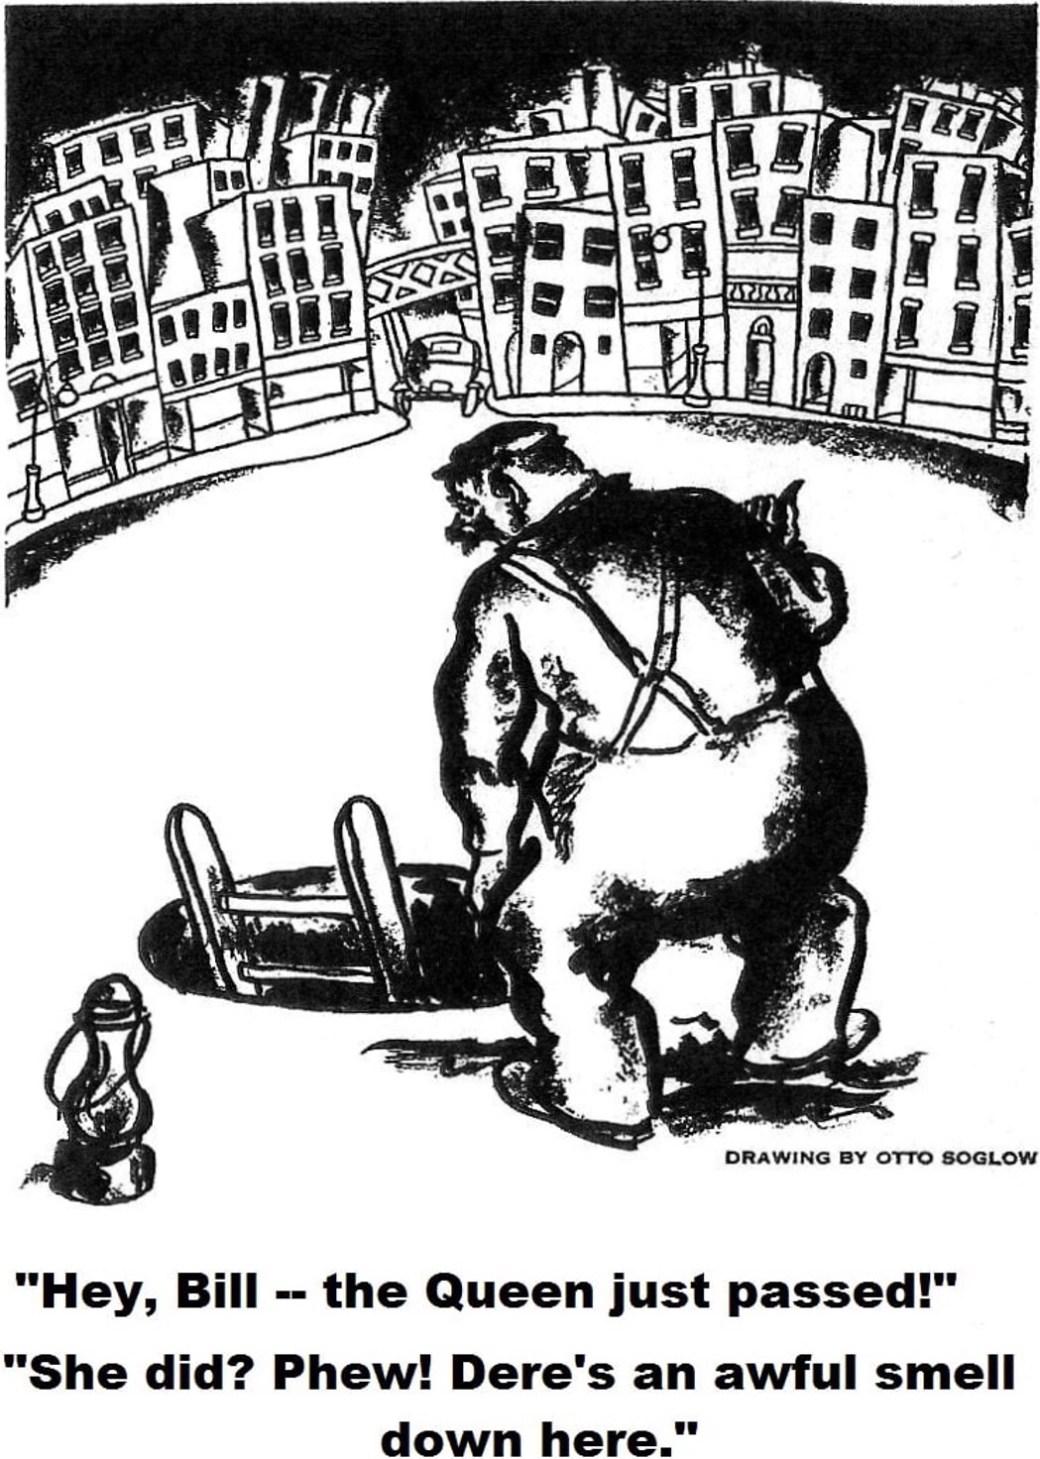 """Soglow fick från 1922 teckningar publicerade i The Liberator, och i The New Masses 1926-28. Teckningen här intill var en tydlig föregångare till de så kallade """"manhole""""-teckningarna som skulle komma senare i The New Yorker."""